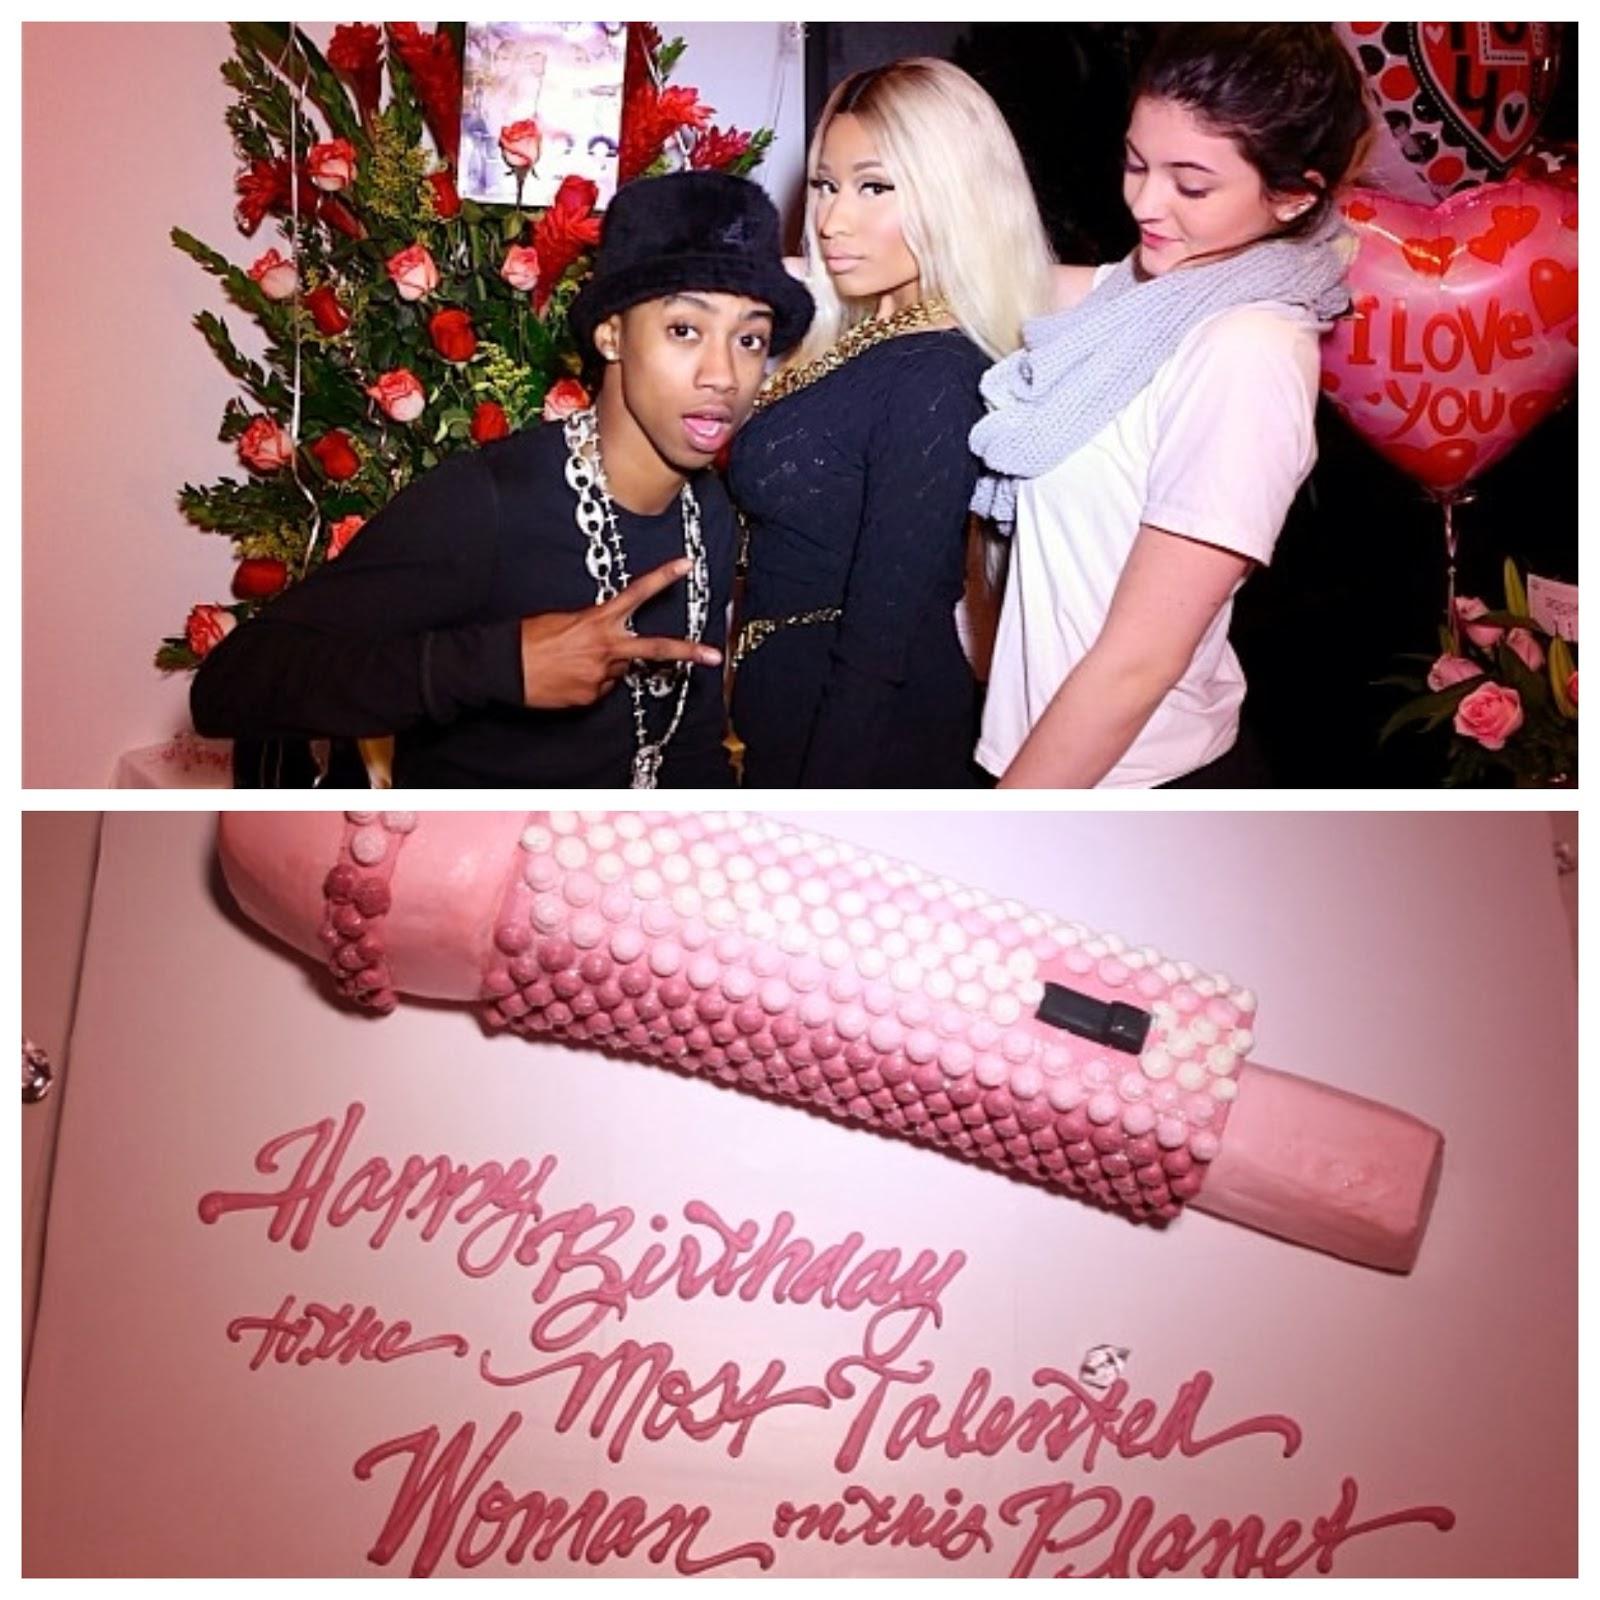 Nicki Minaj Celebrates 31st Birthday With Safaree Kylie Jenner Lil